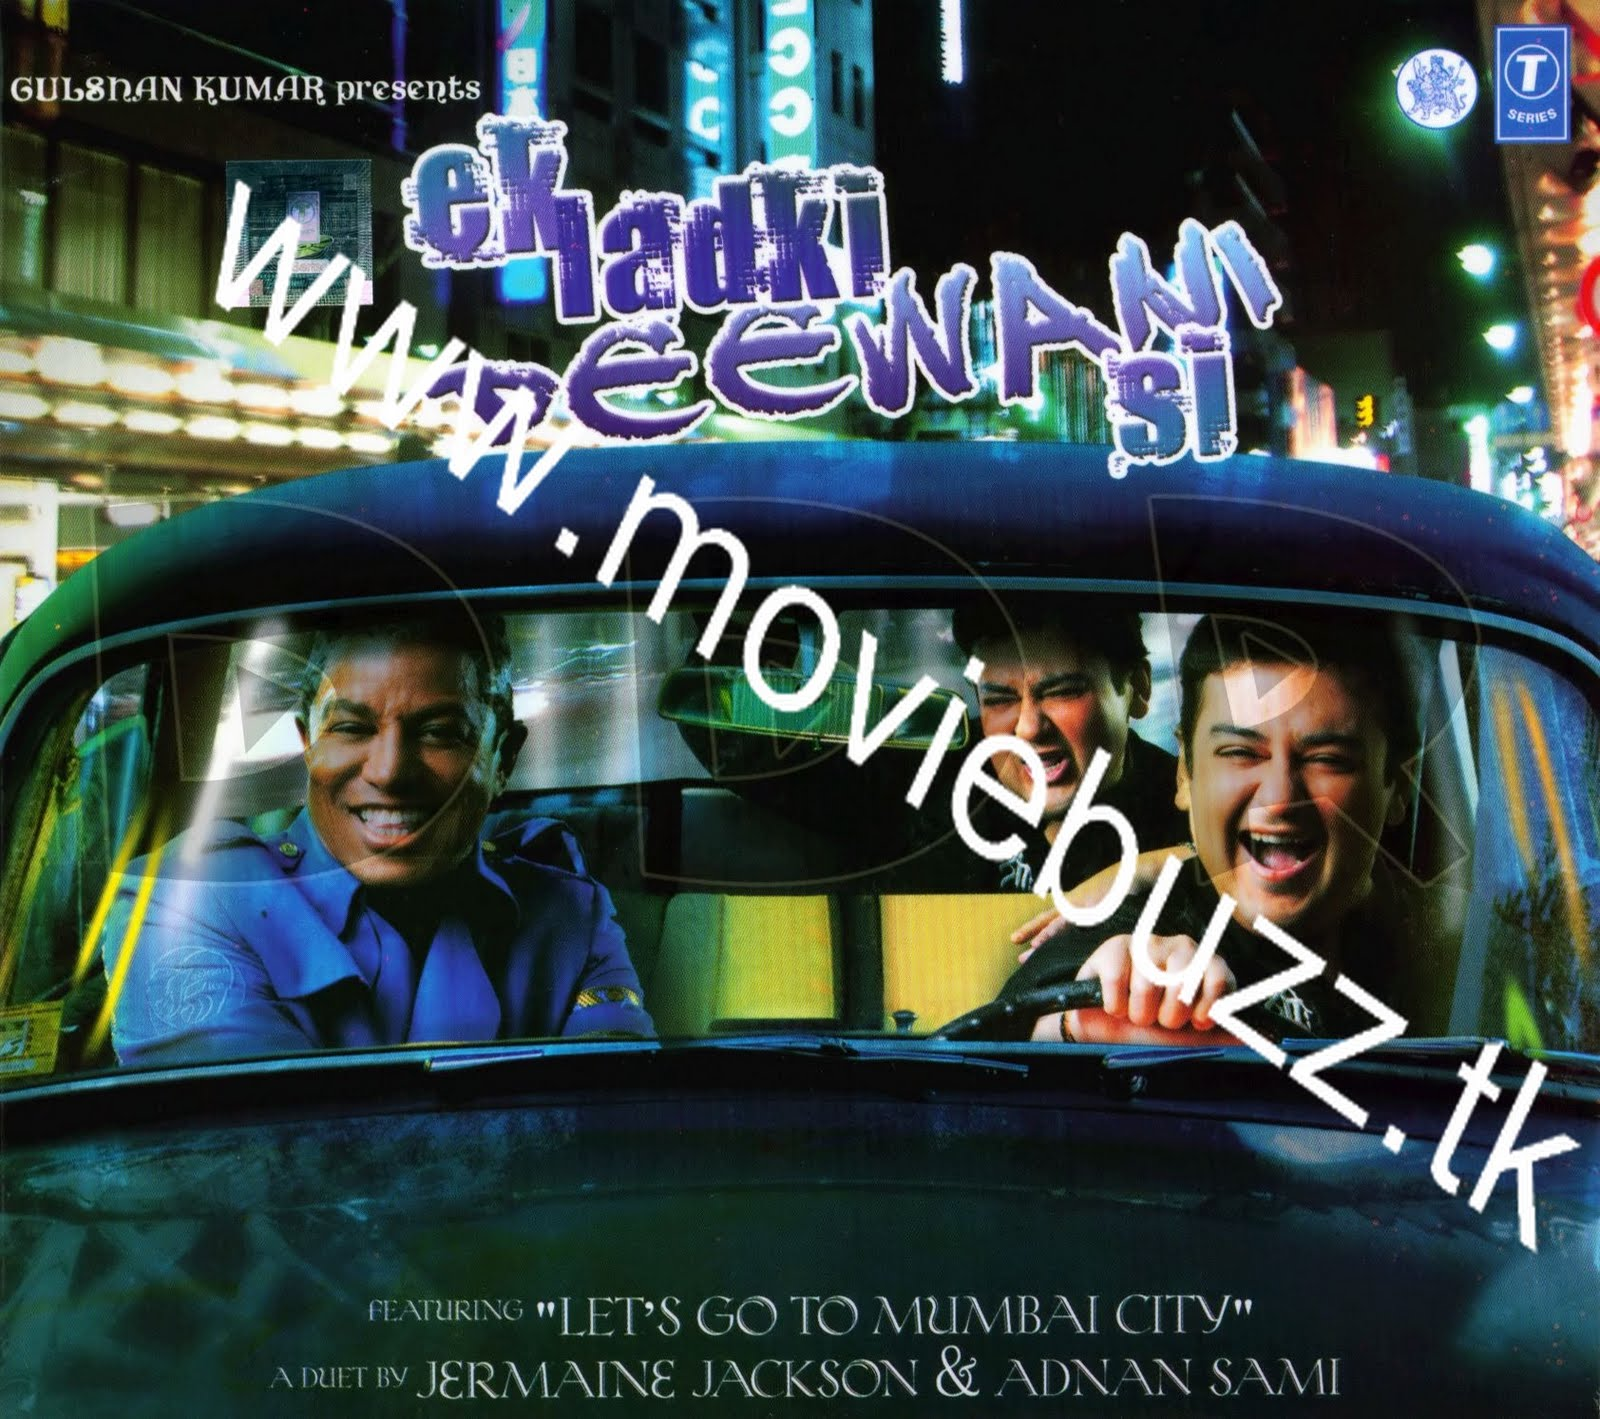 http://4.bp.blogspot.com/_A3FB1NYQJ9s/SxTWHOSBoMI/AAAAAAAABpY/Q0Uw6Cnc8P0/s1600/ek+ladaki+deewani+adnan+sami+cd+covers.jpg